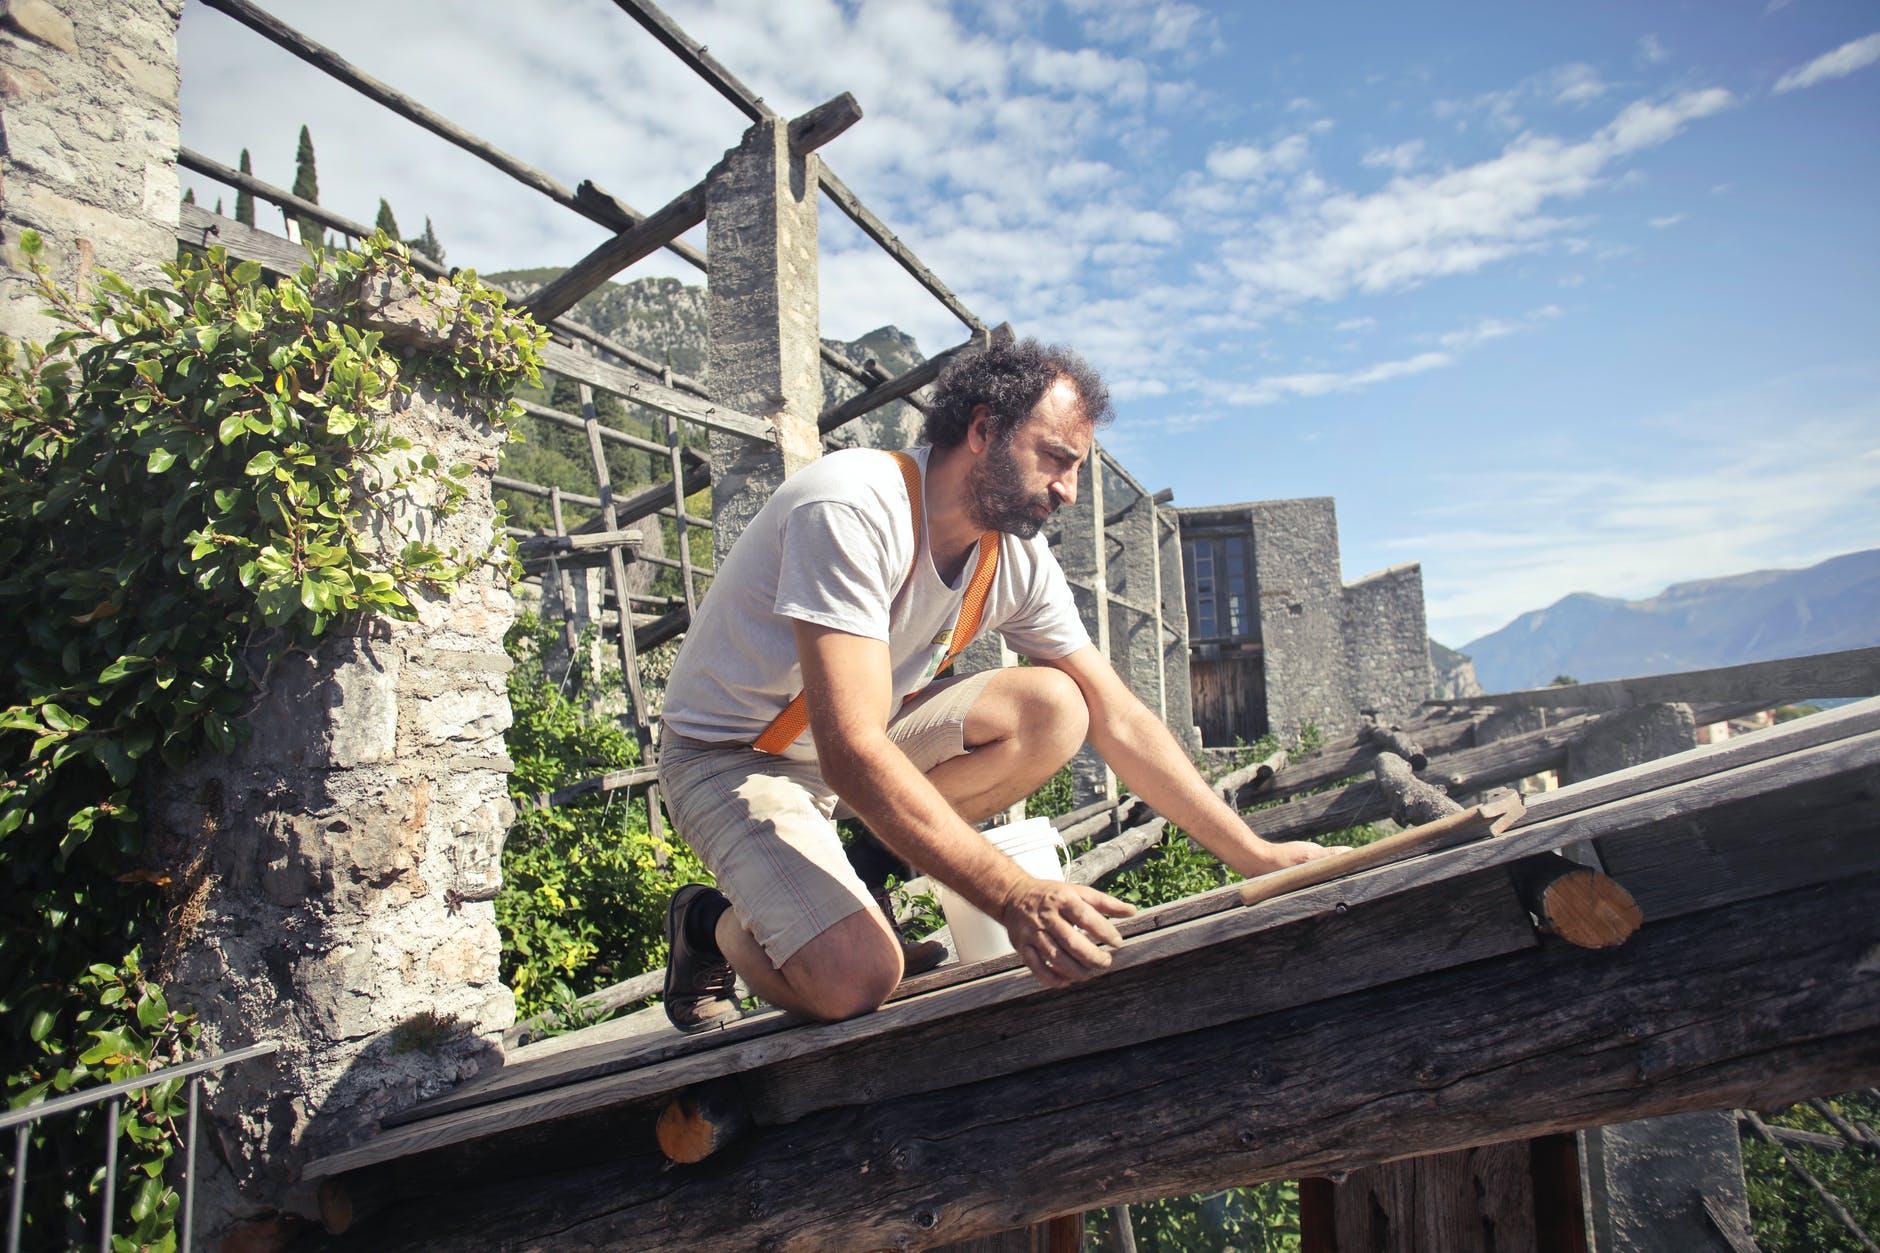 Leaky roofs need expert repair